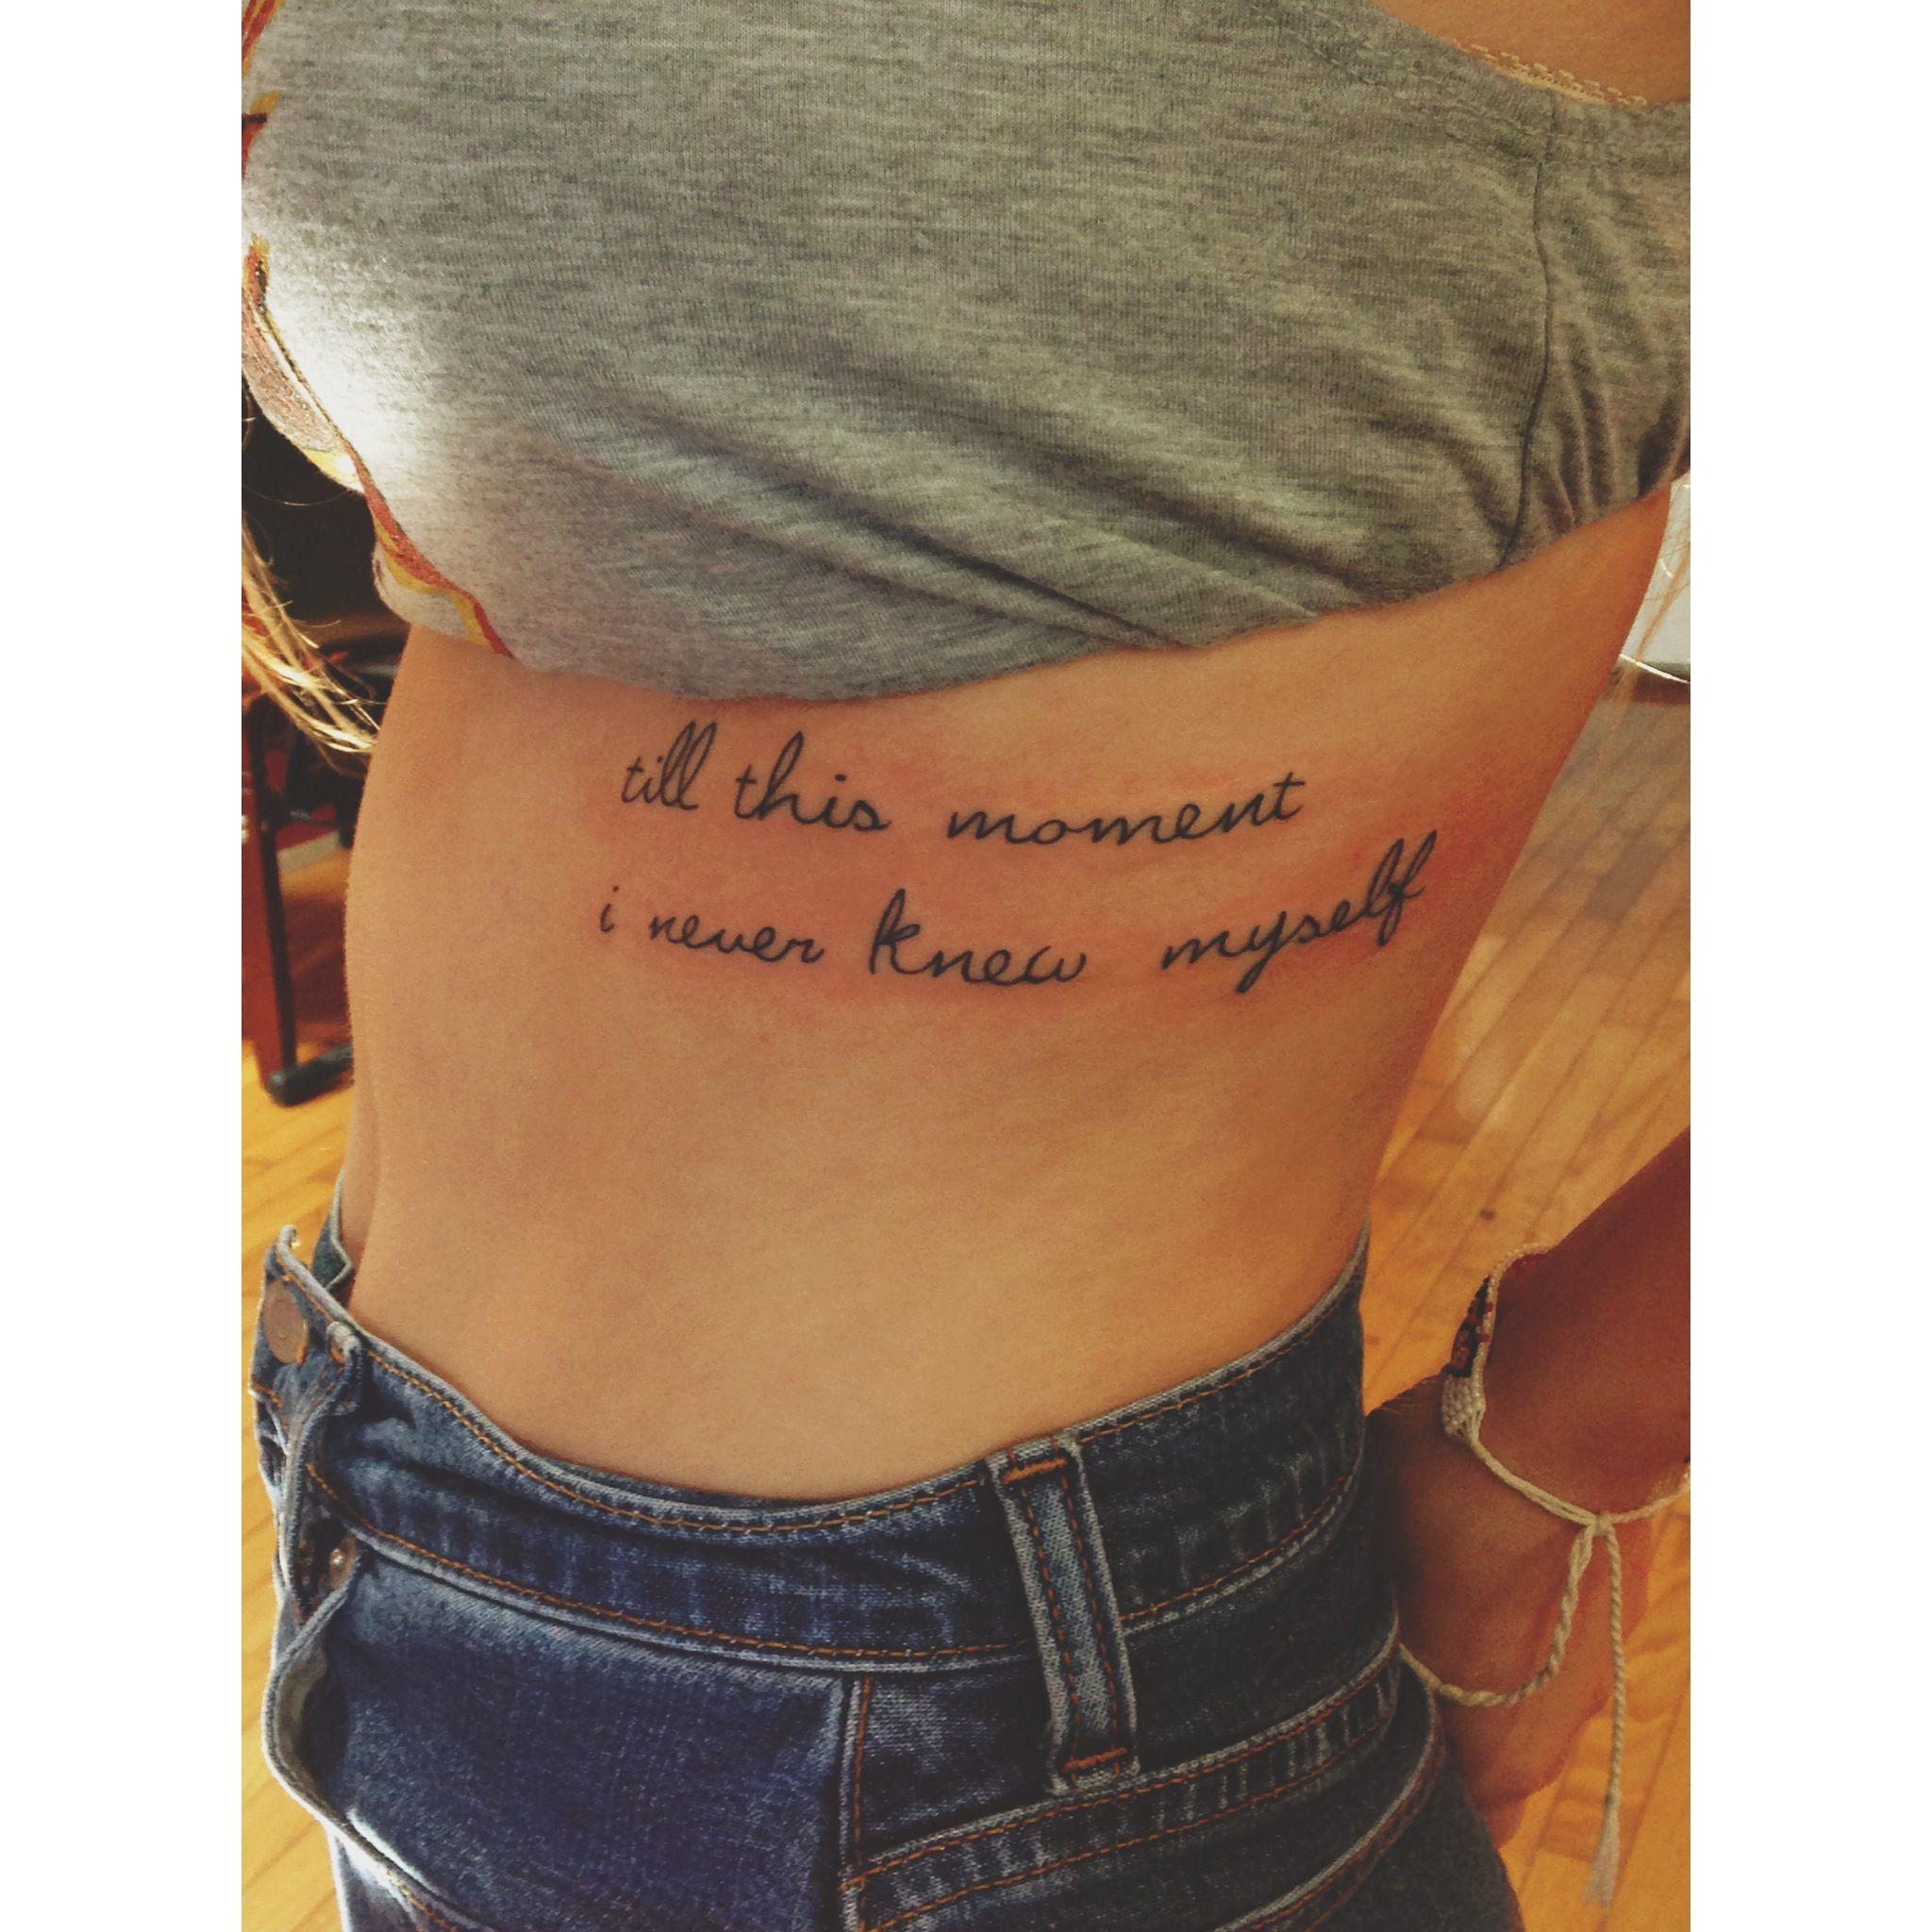 my newest tattoo pride